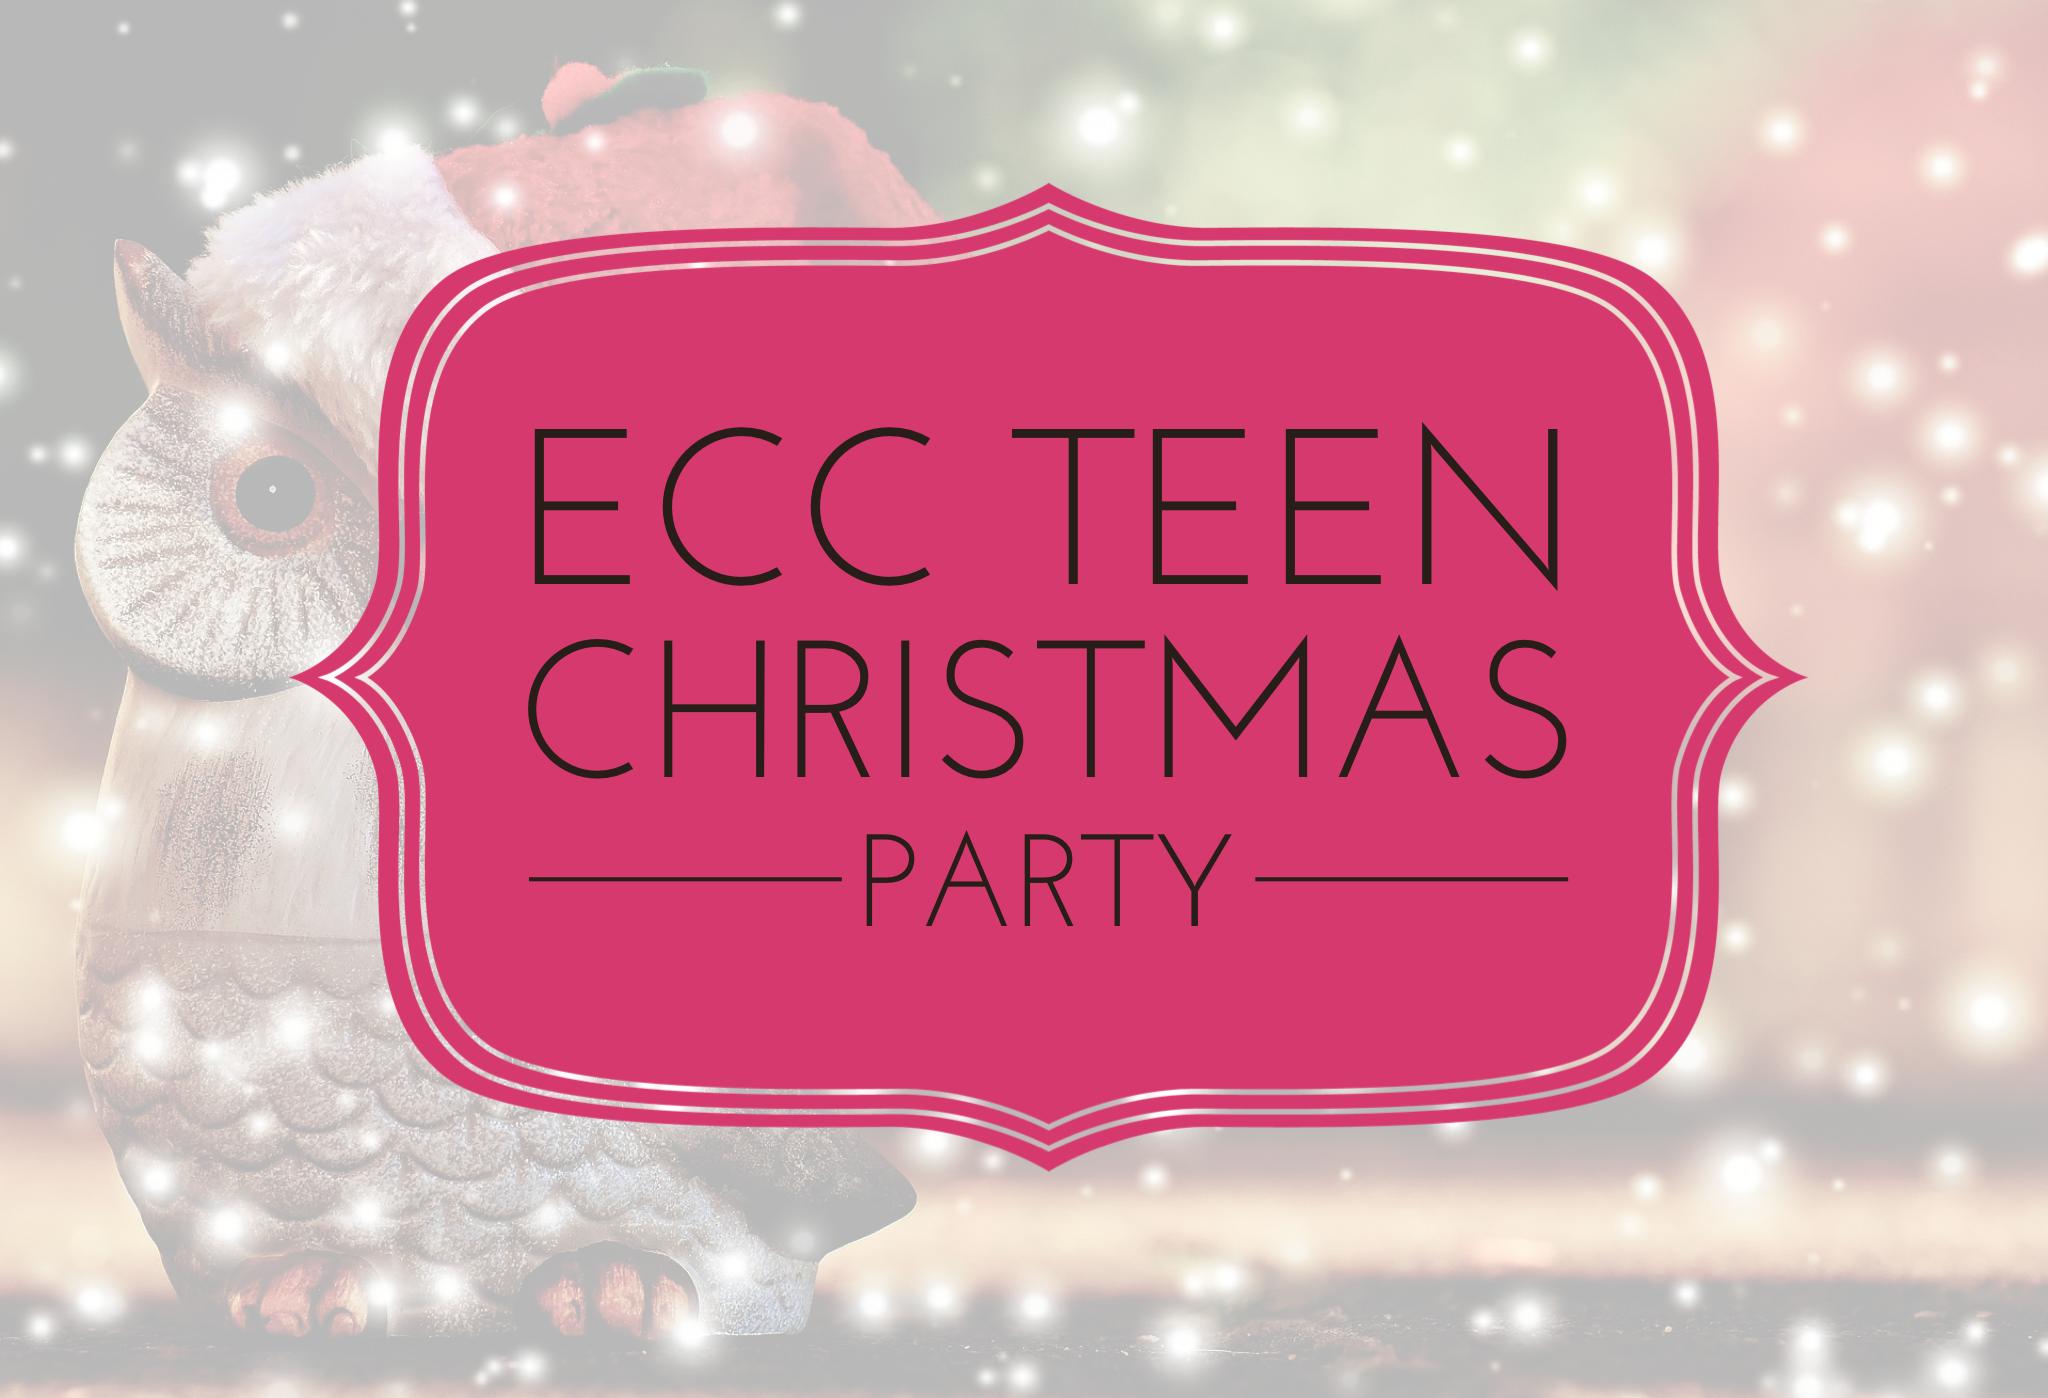 Ecc teen christmas party